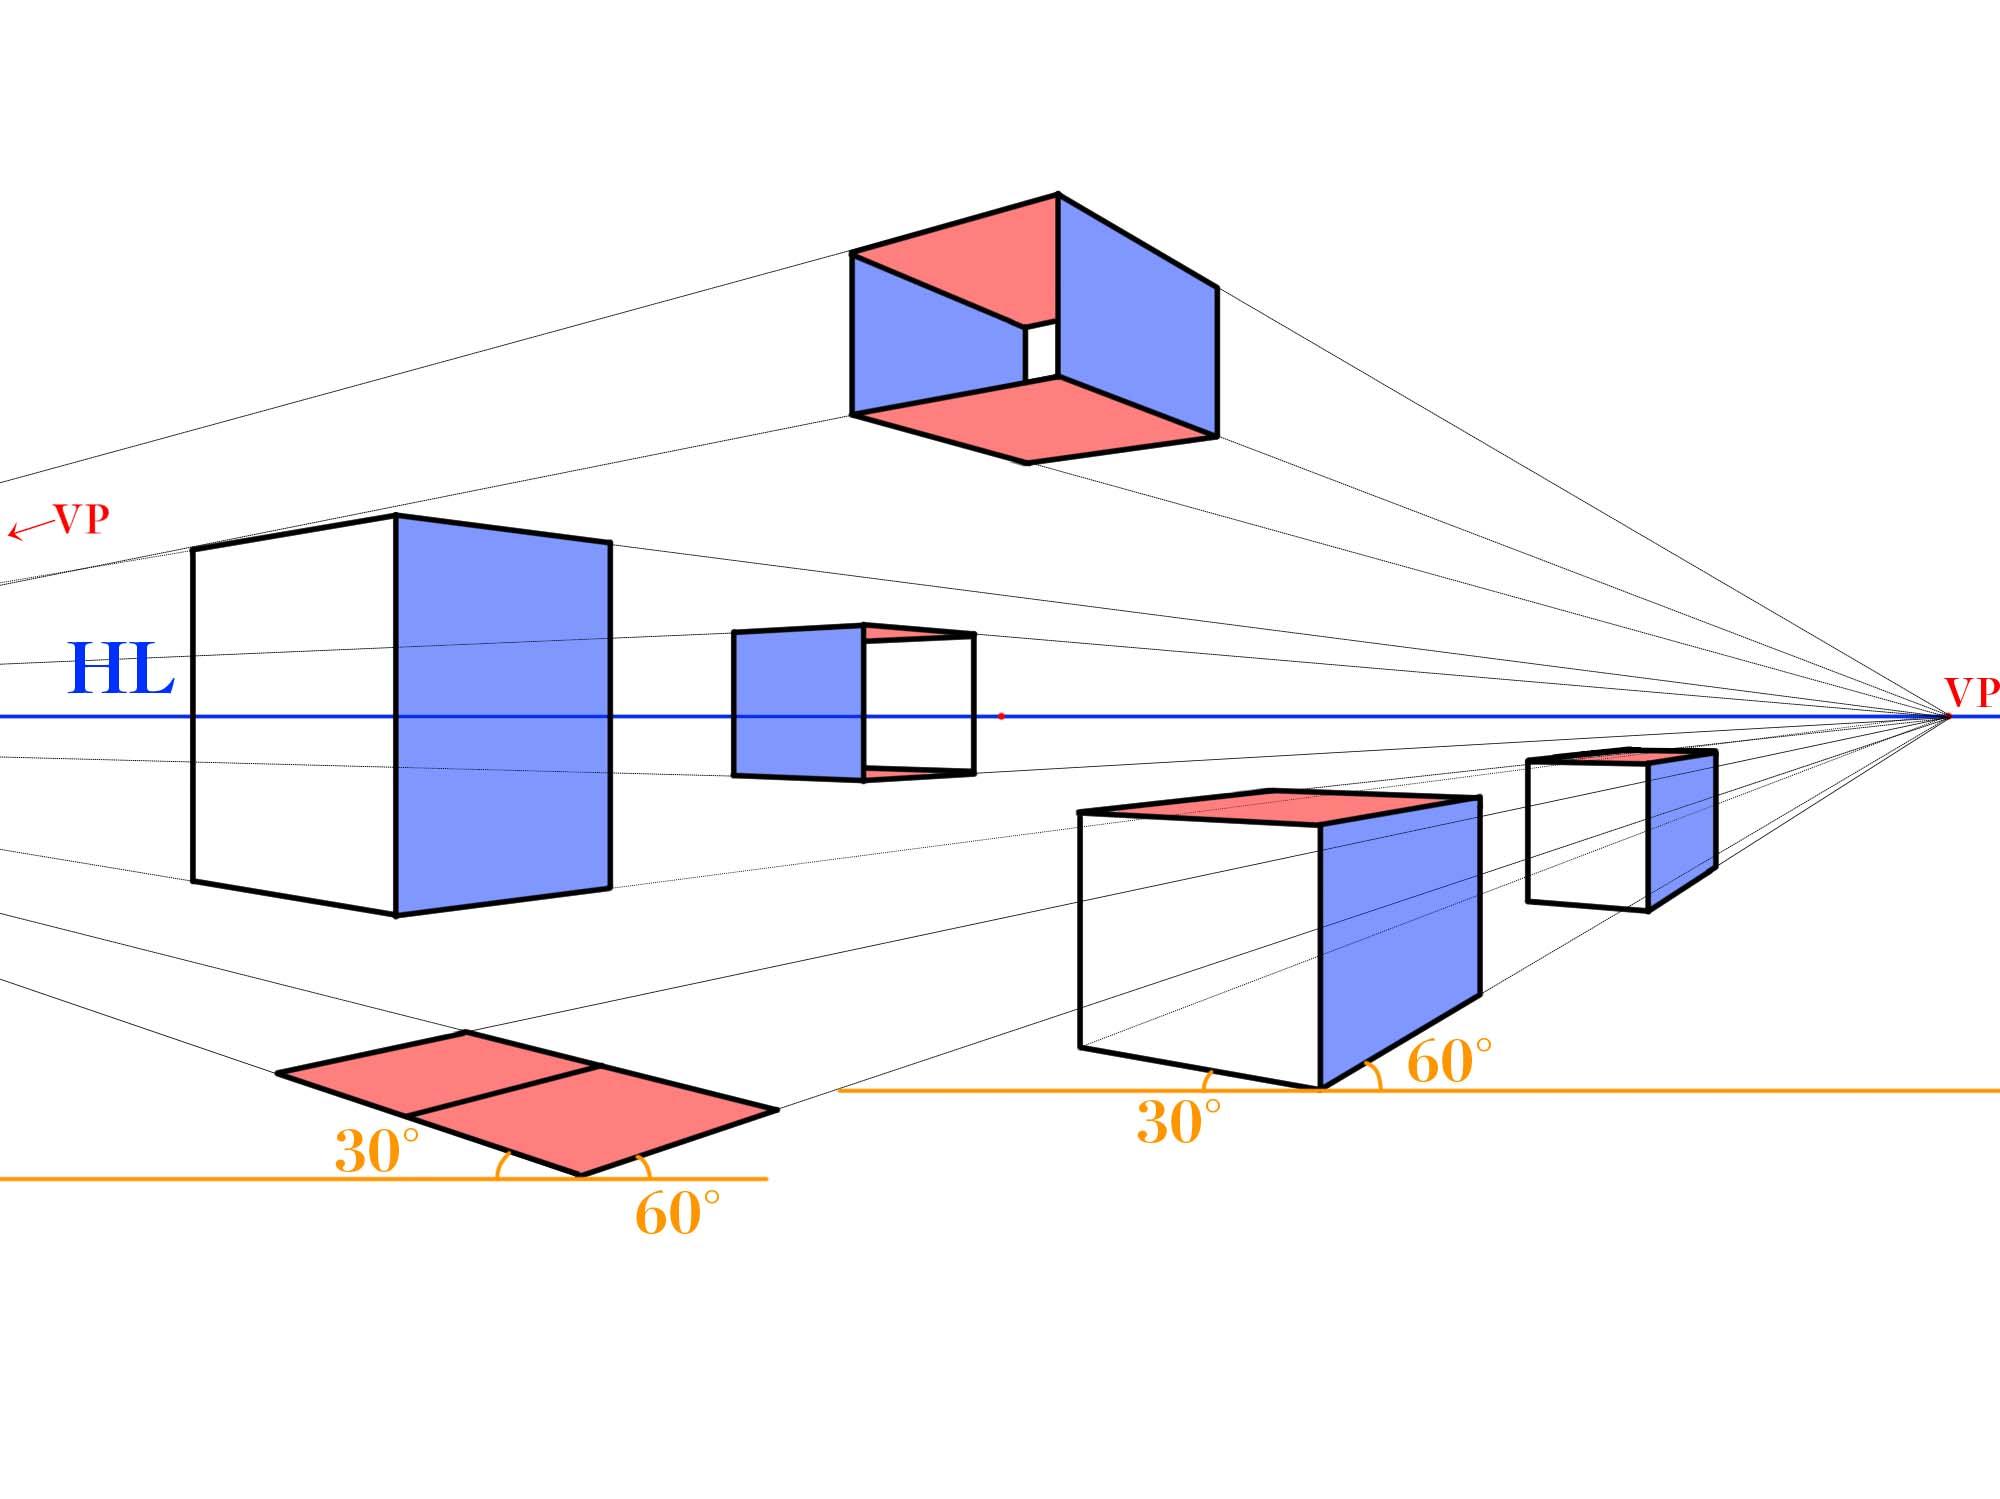 2点透視図法まとめ